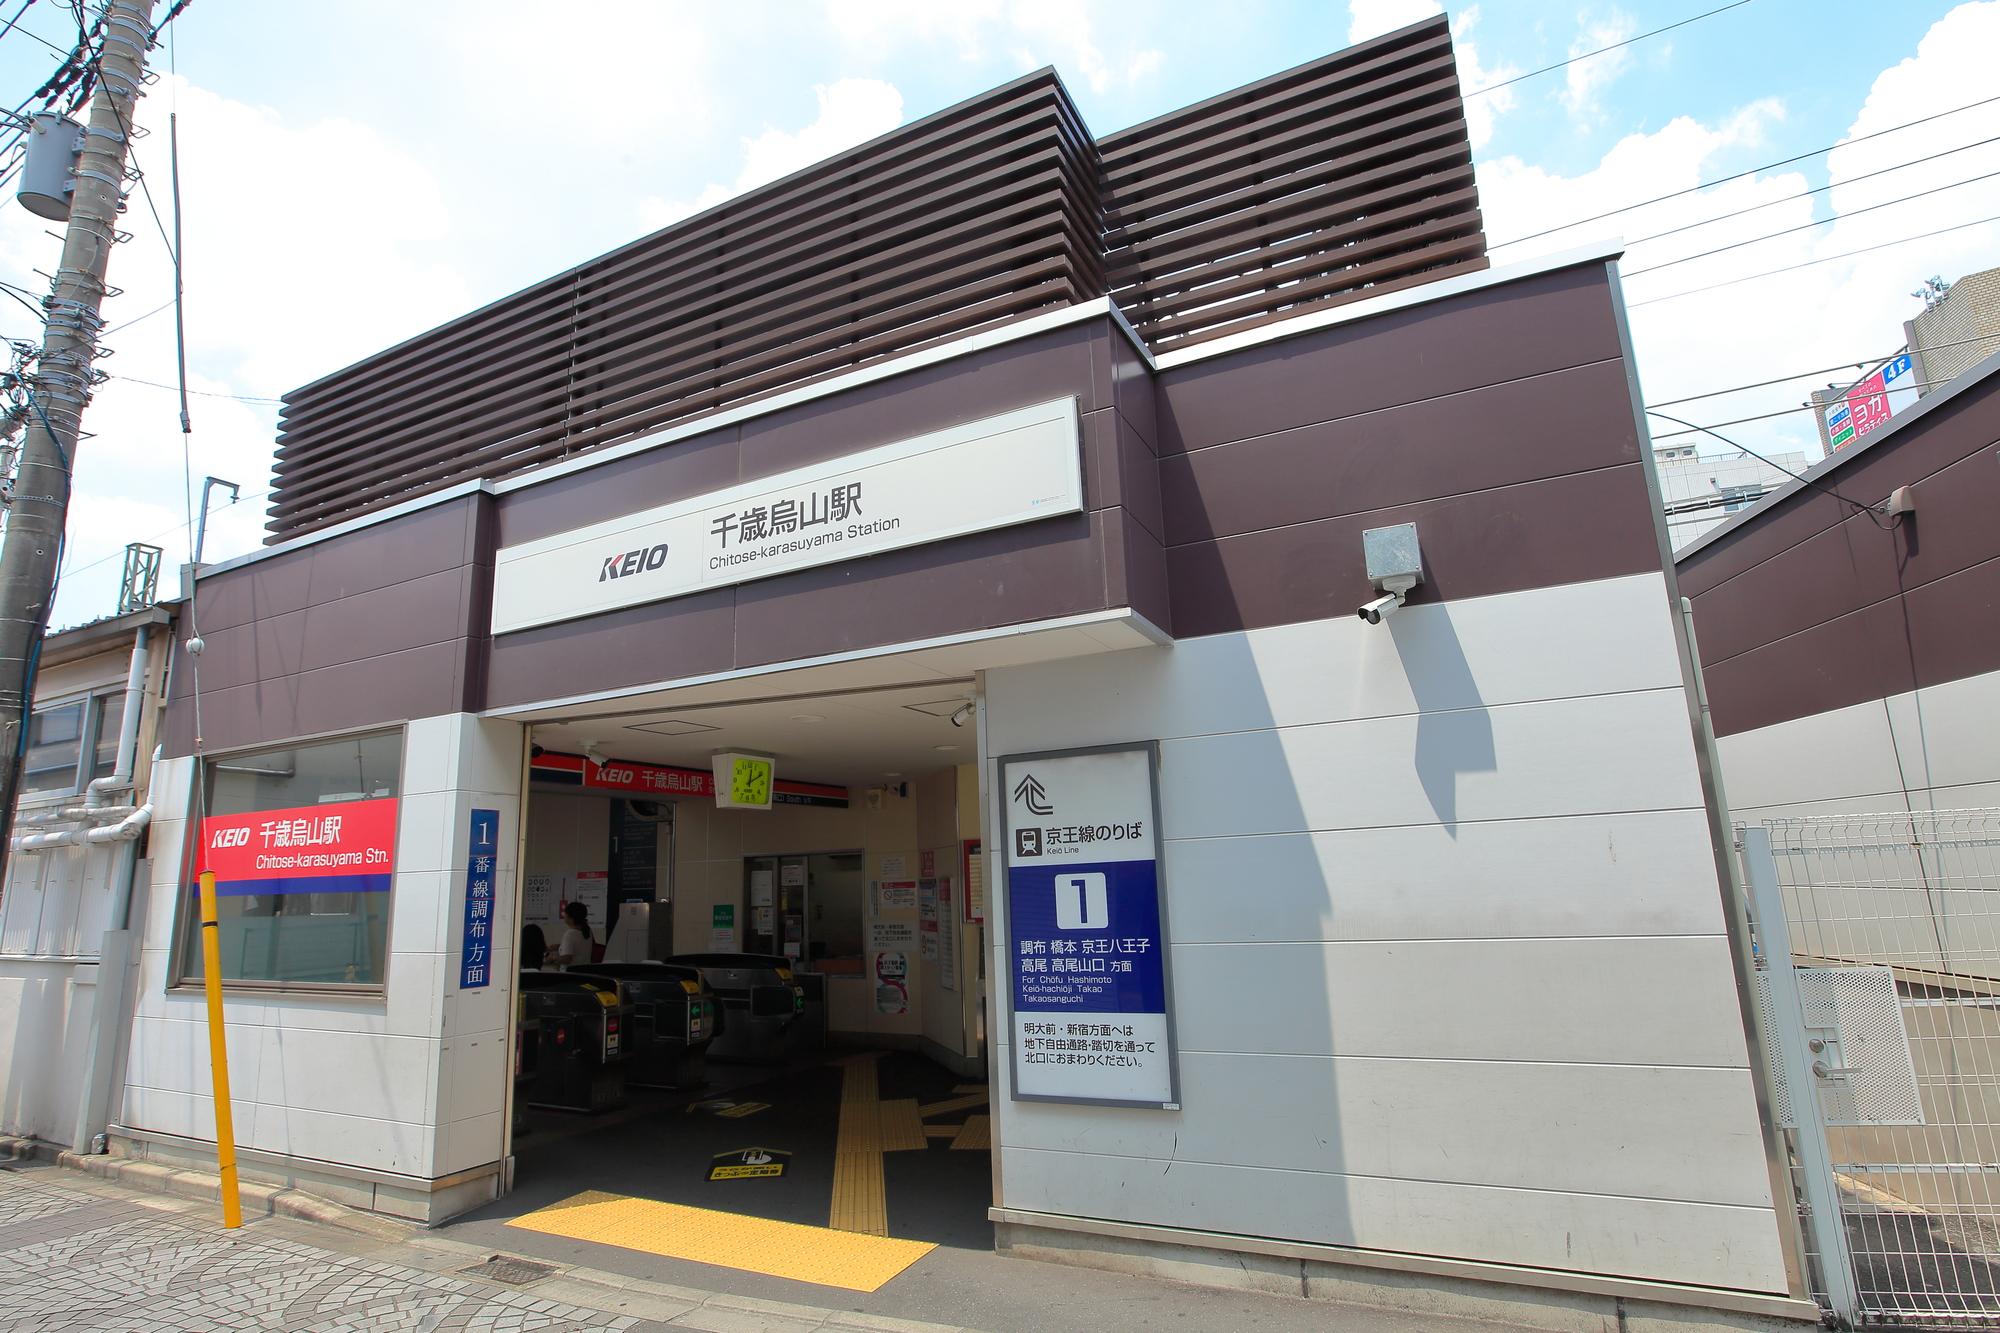 18時以降に通える!千歳烏山駅近くにある歯医者2院のおすすめポイント